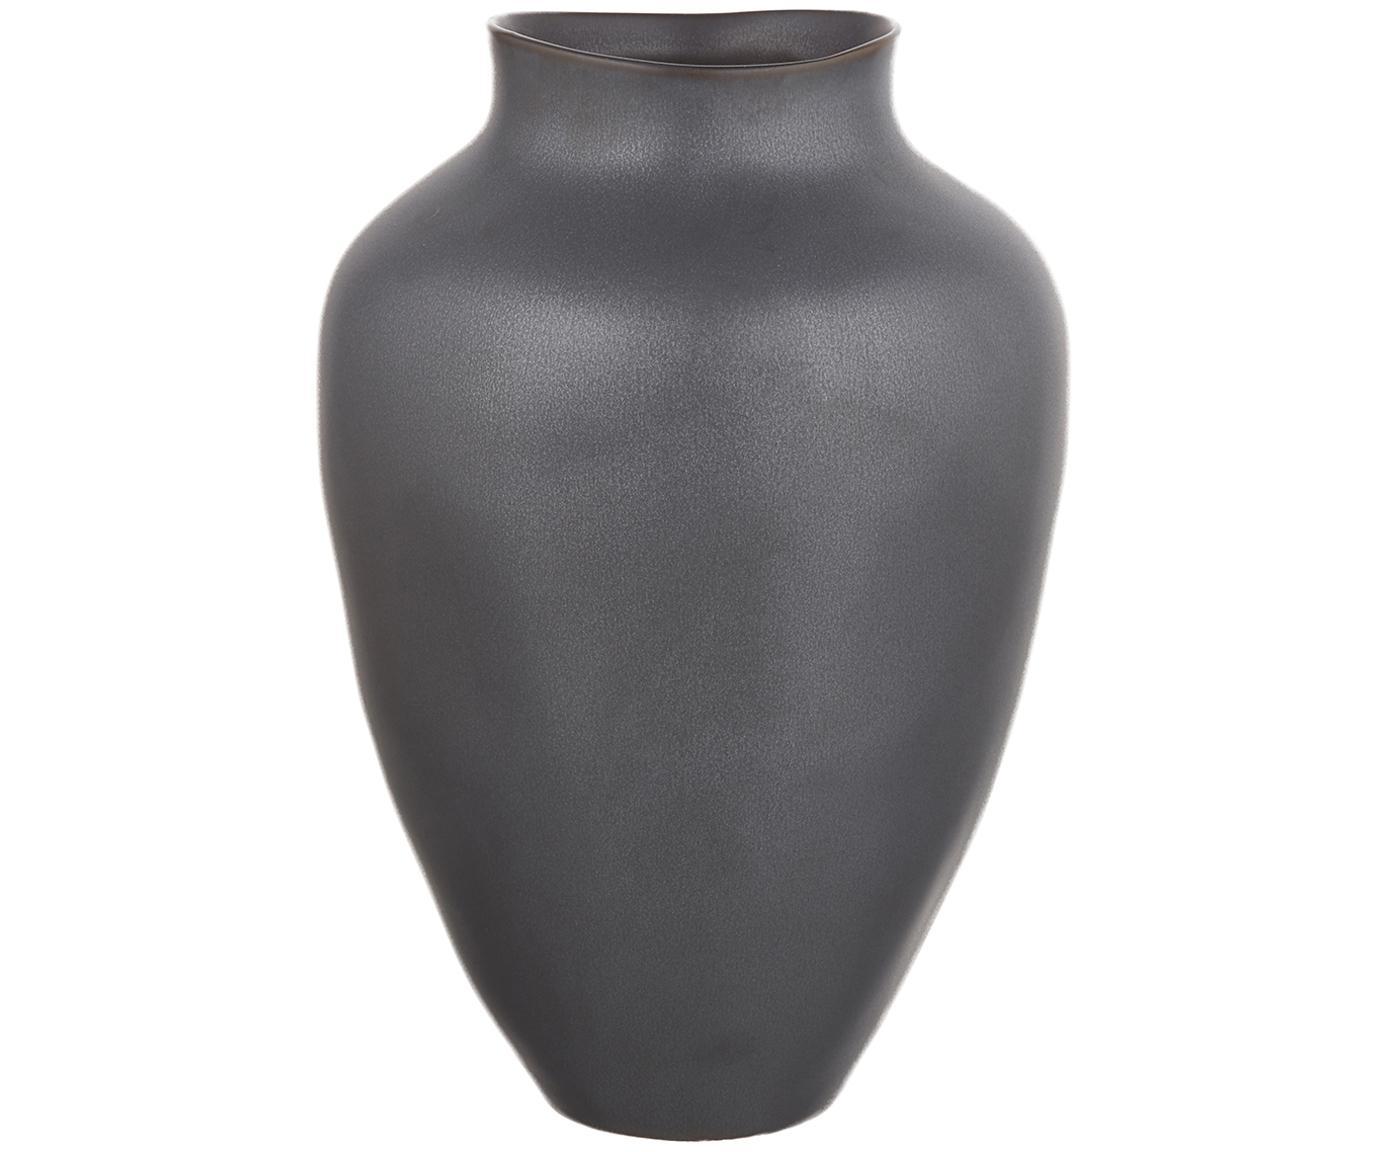 Duży ręcznie wykonany wazon z ceramiki Latona, Ceramika, Czarny, matowy, Ø 21 x W 30 cm